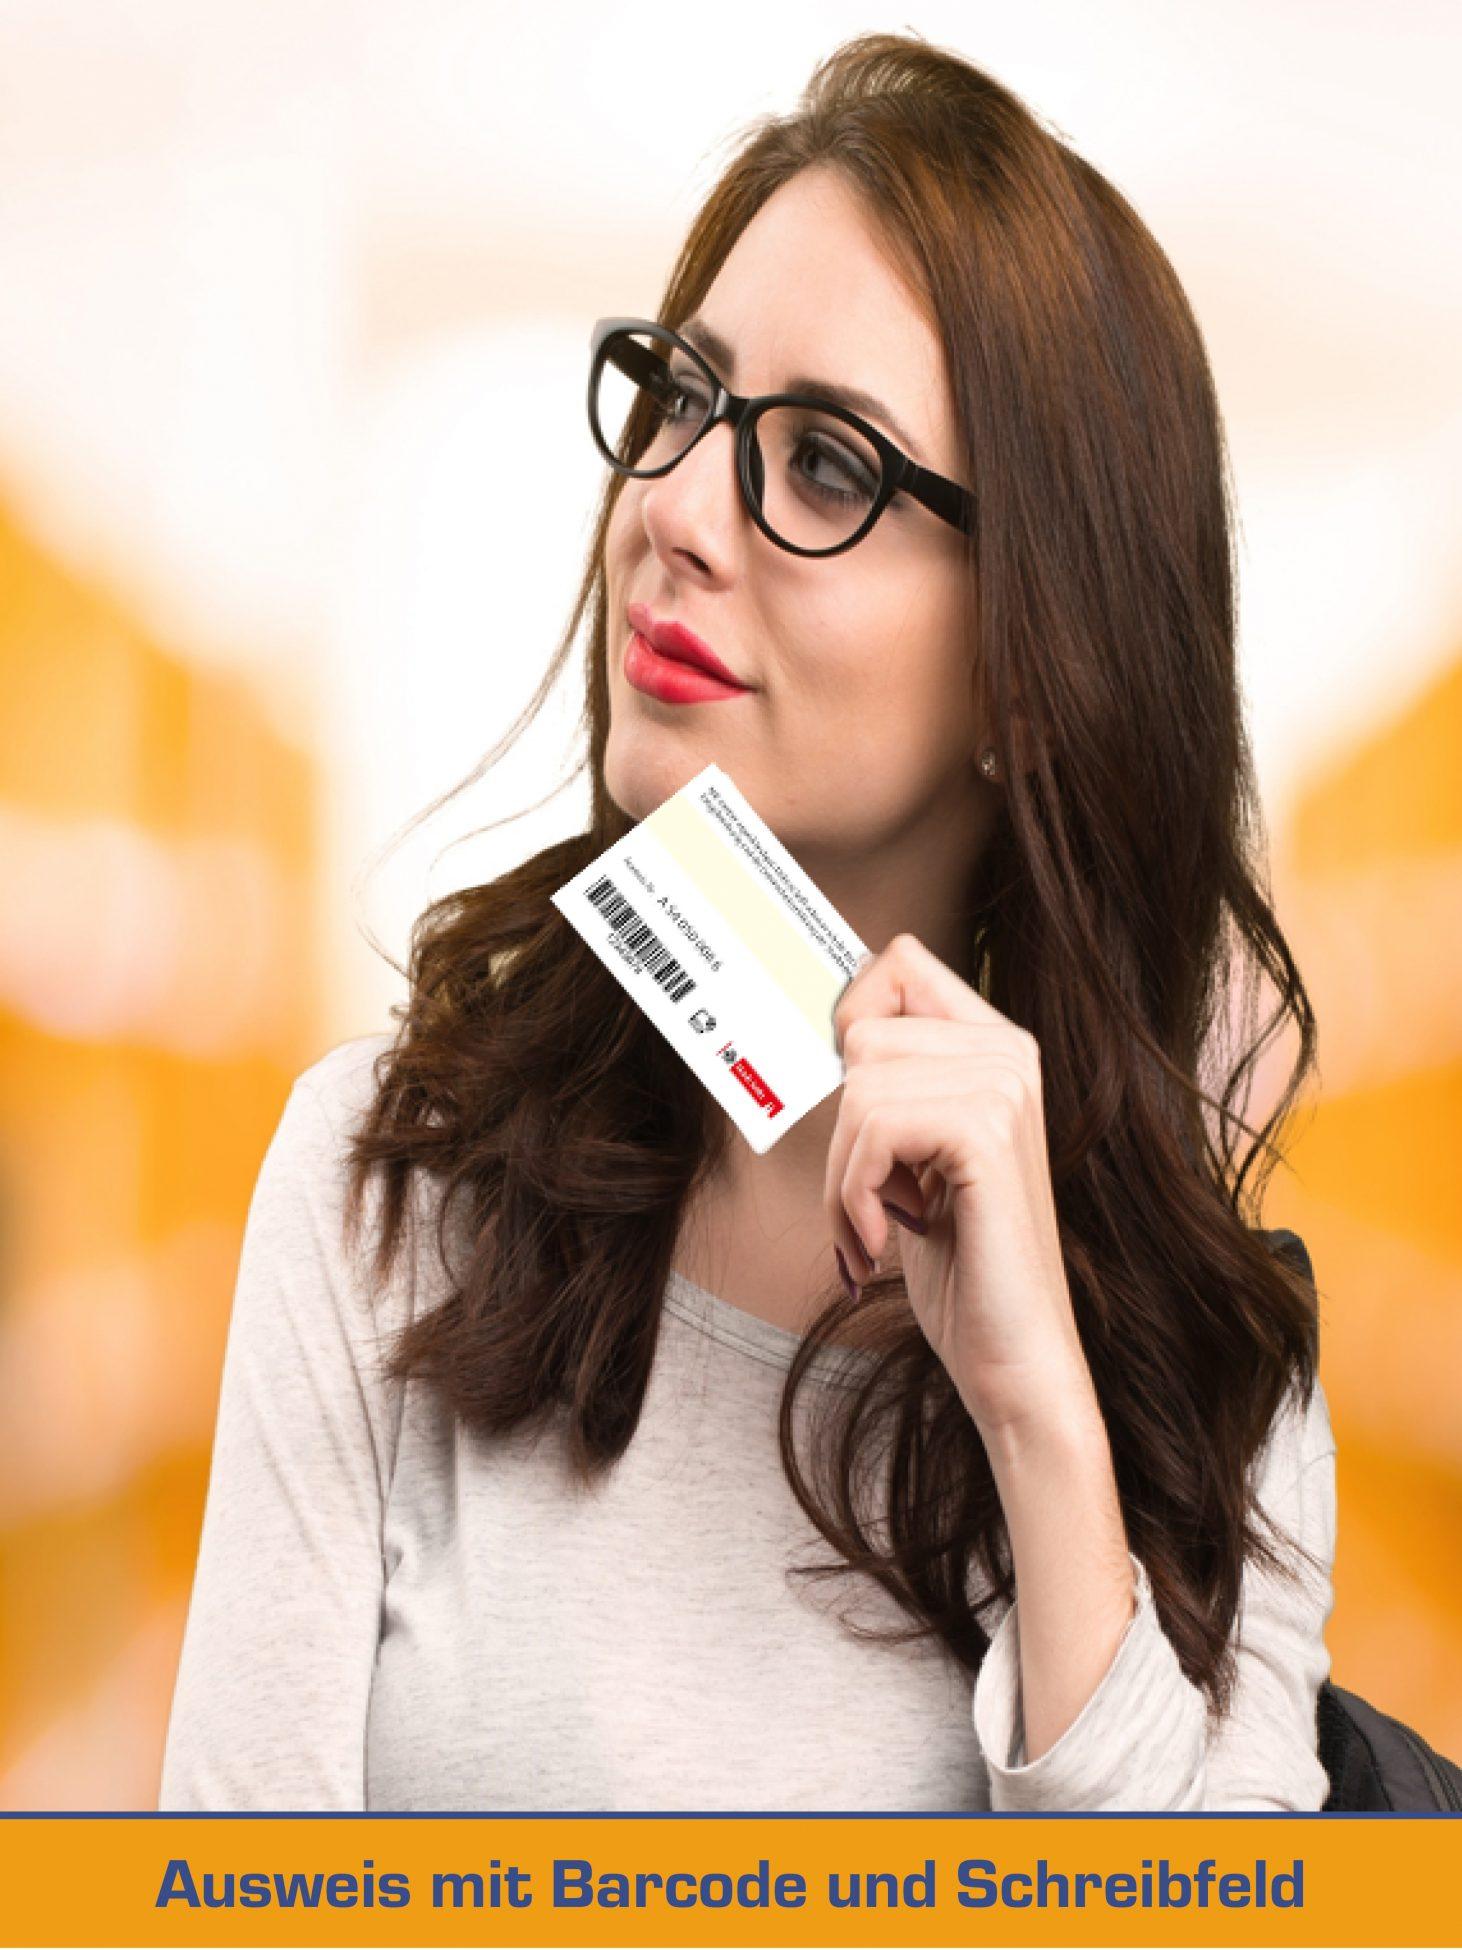 Studentin mit personalisierten Bibliotheksausweis